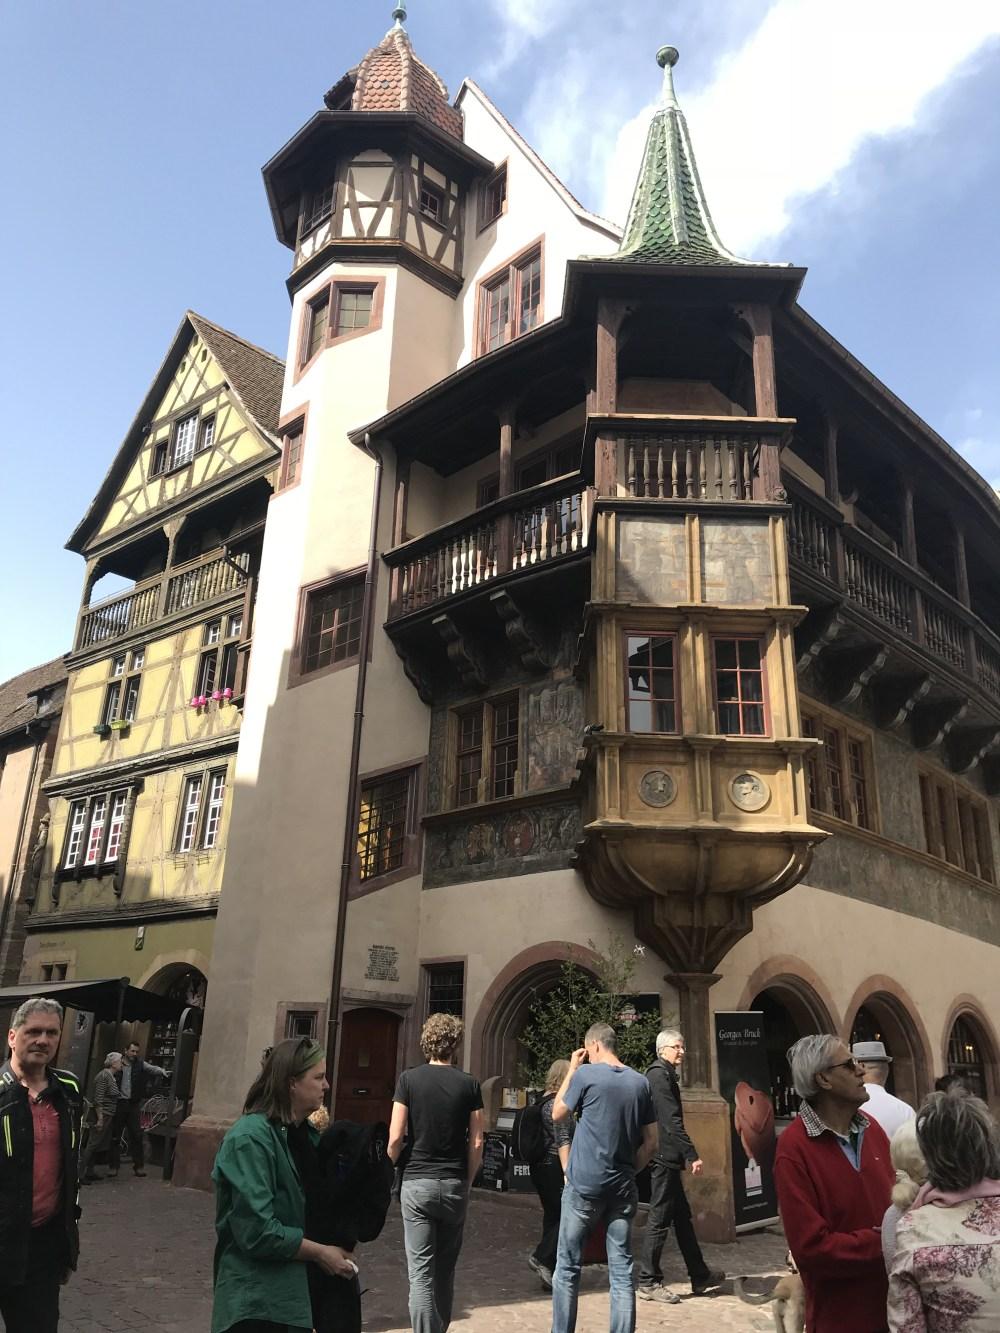 Maison Pfister, uma das construções mais famosas de Colmar